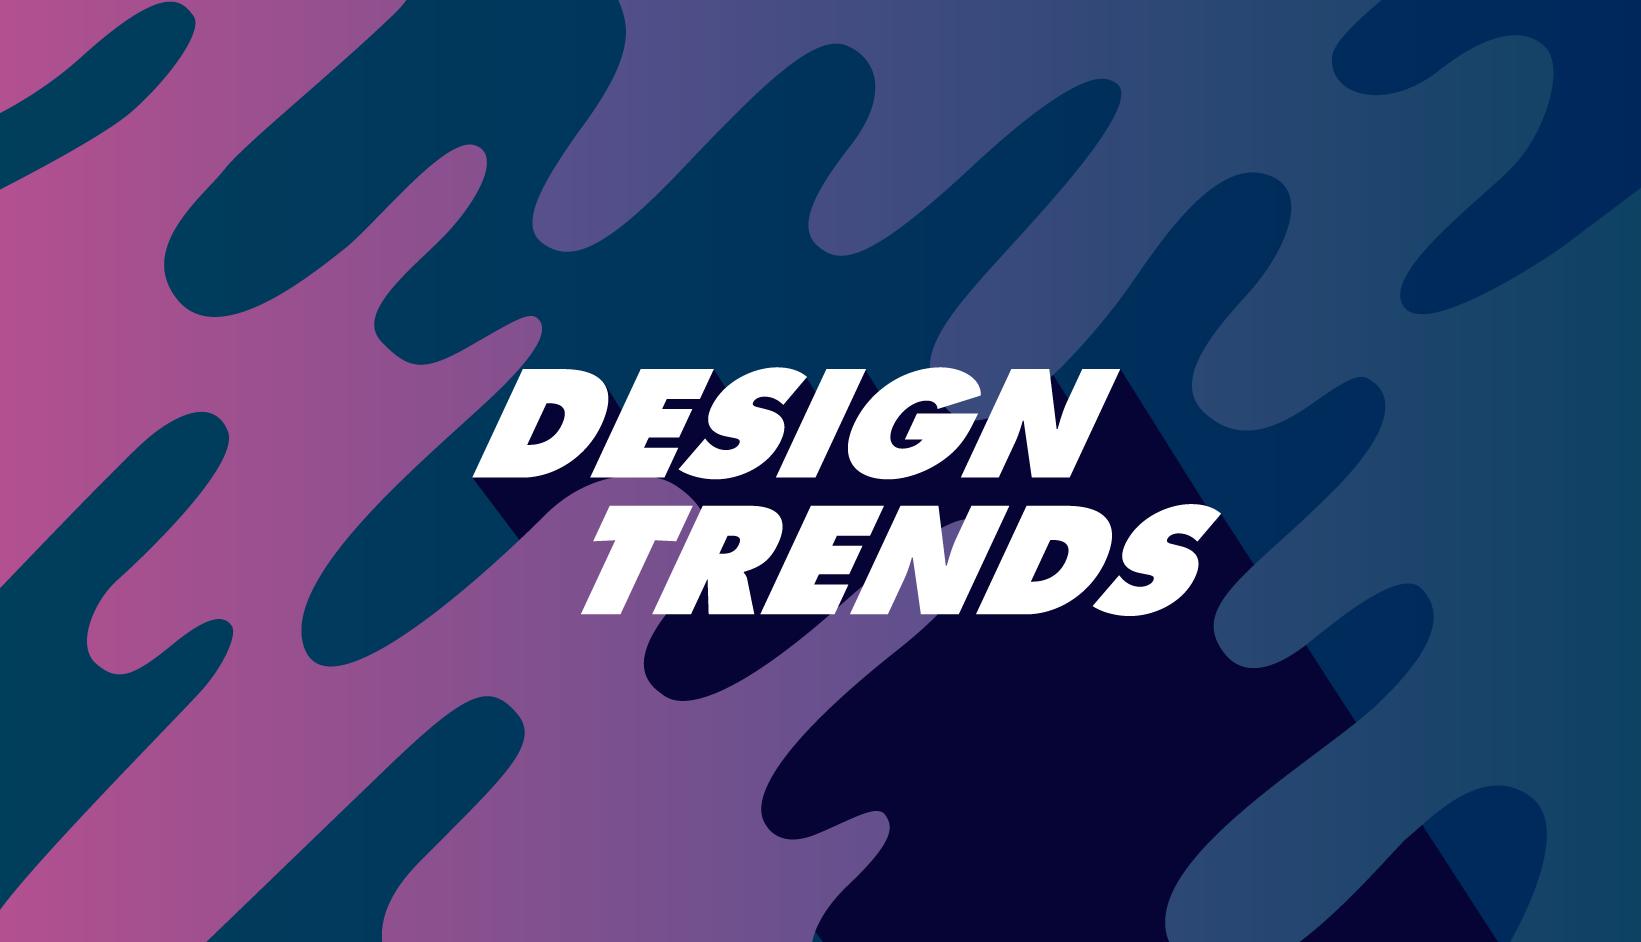 design-trends-hero